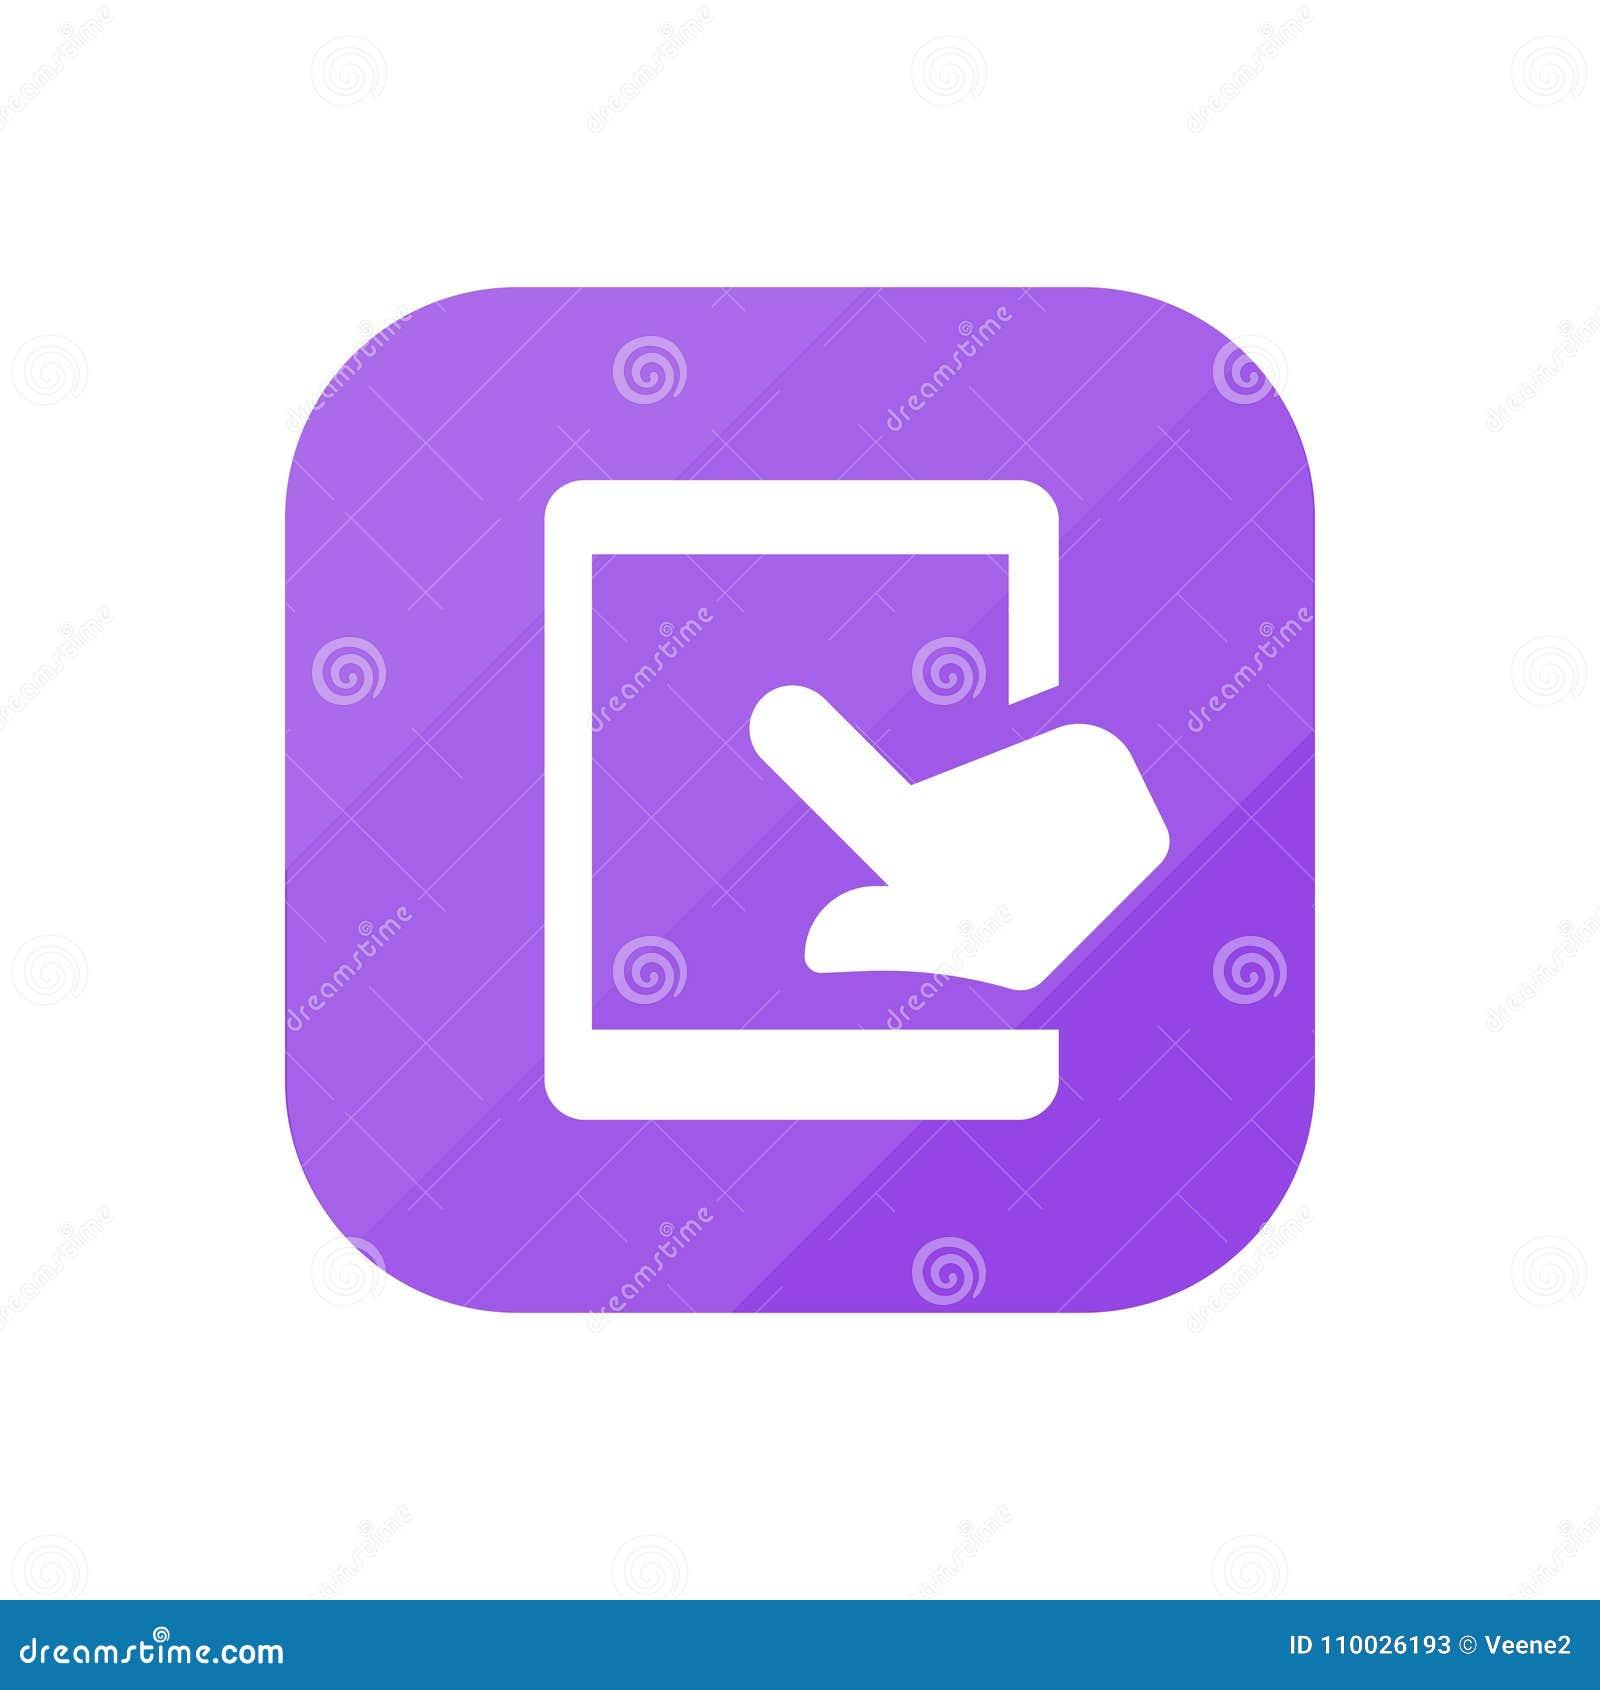 Aanrakingslusje - App Pictogram